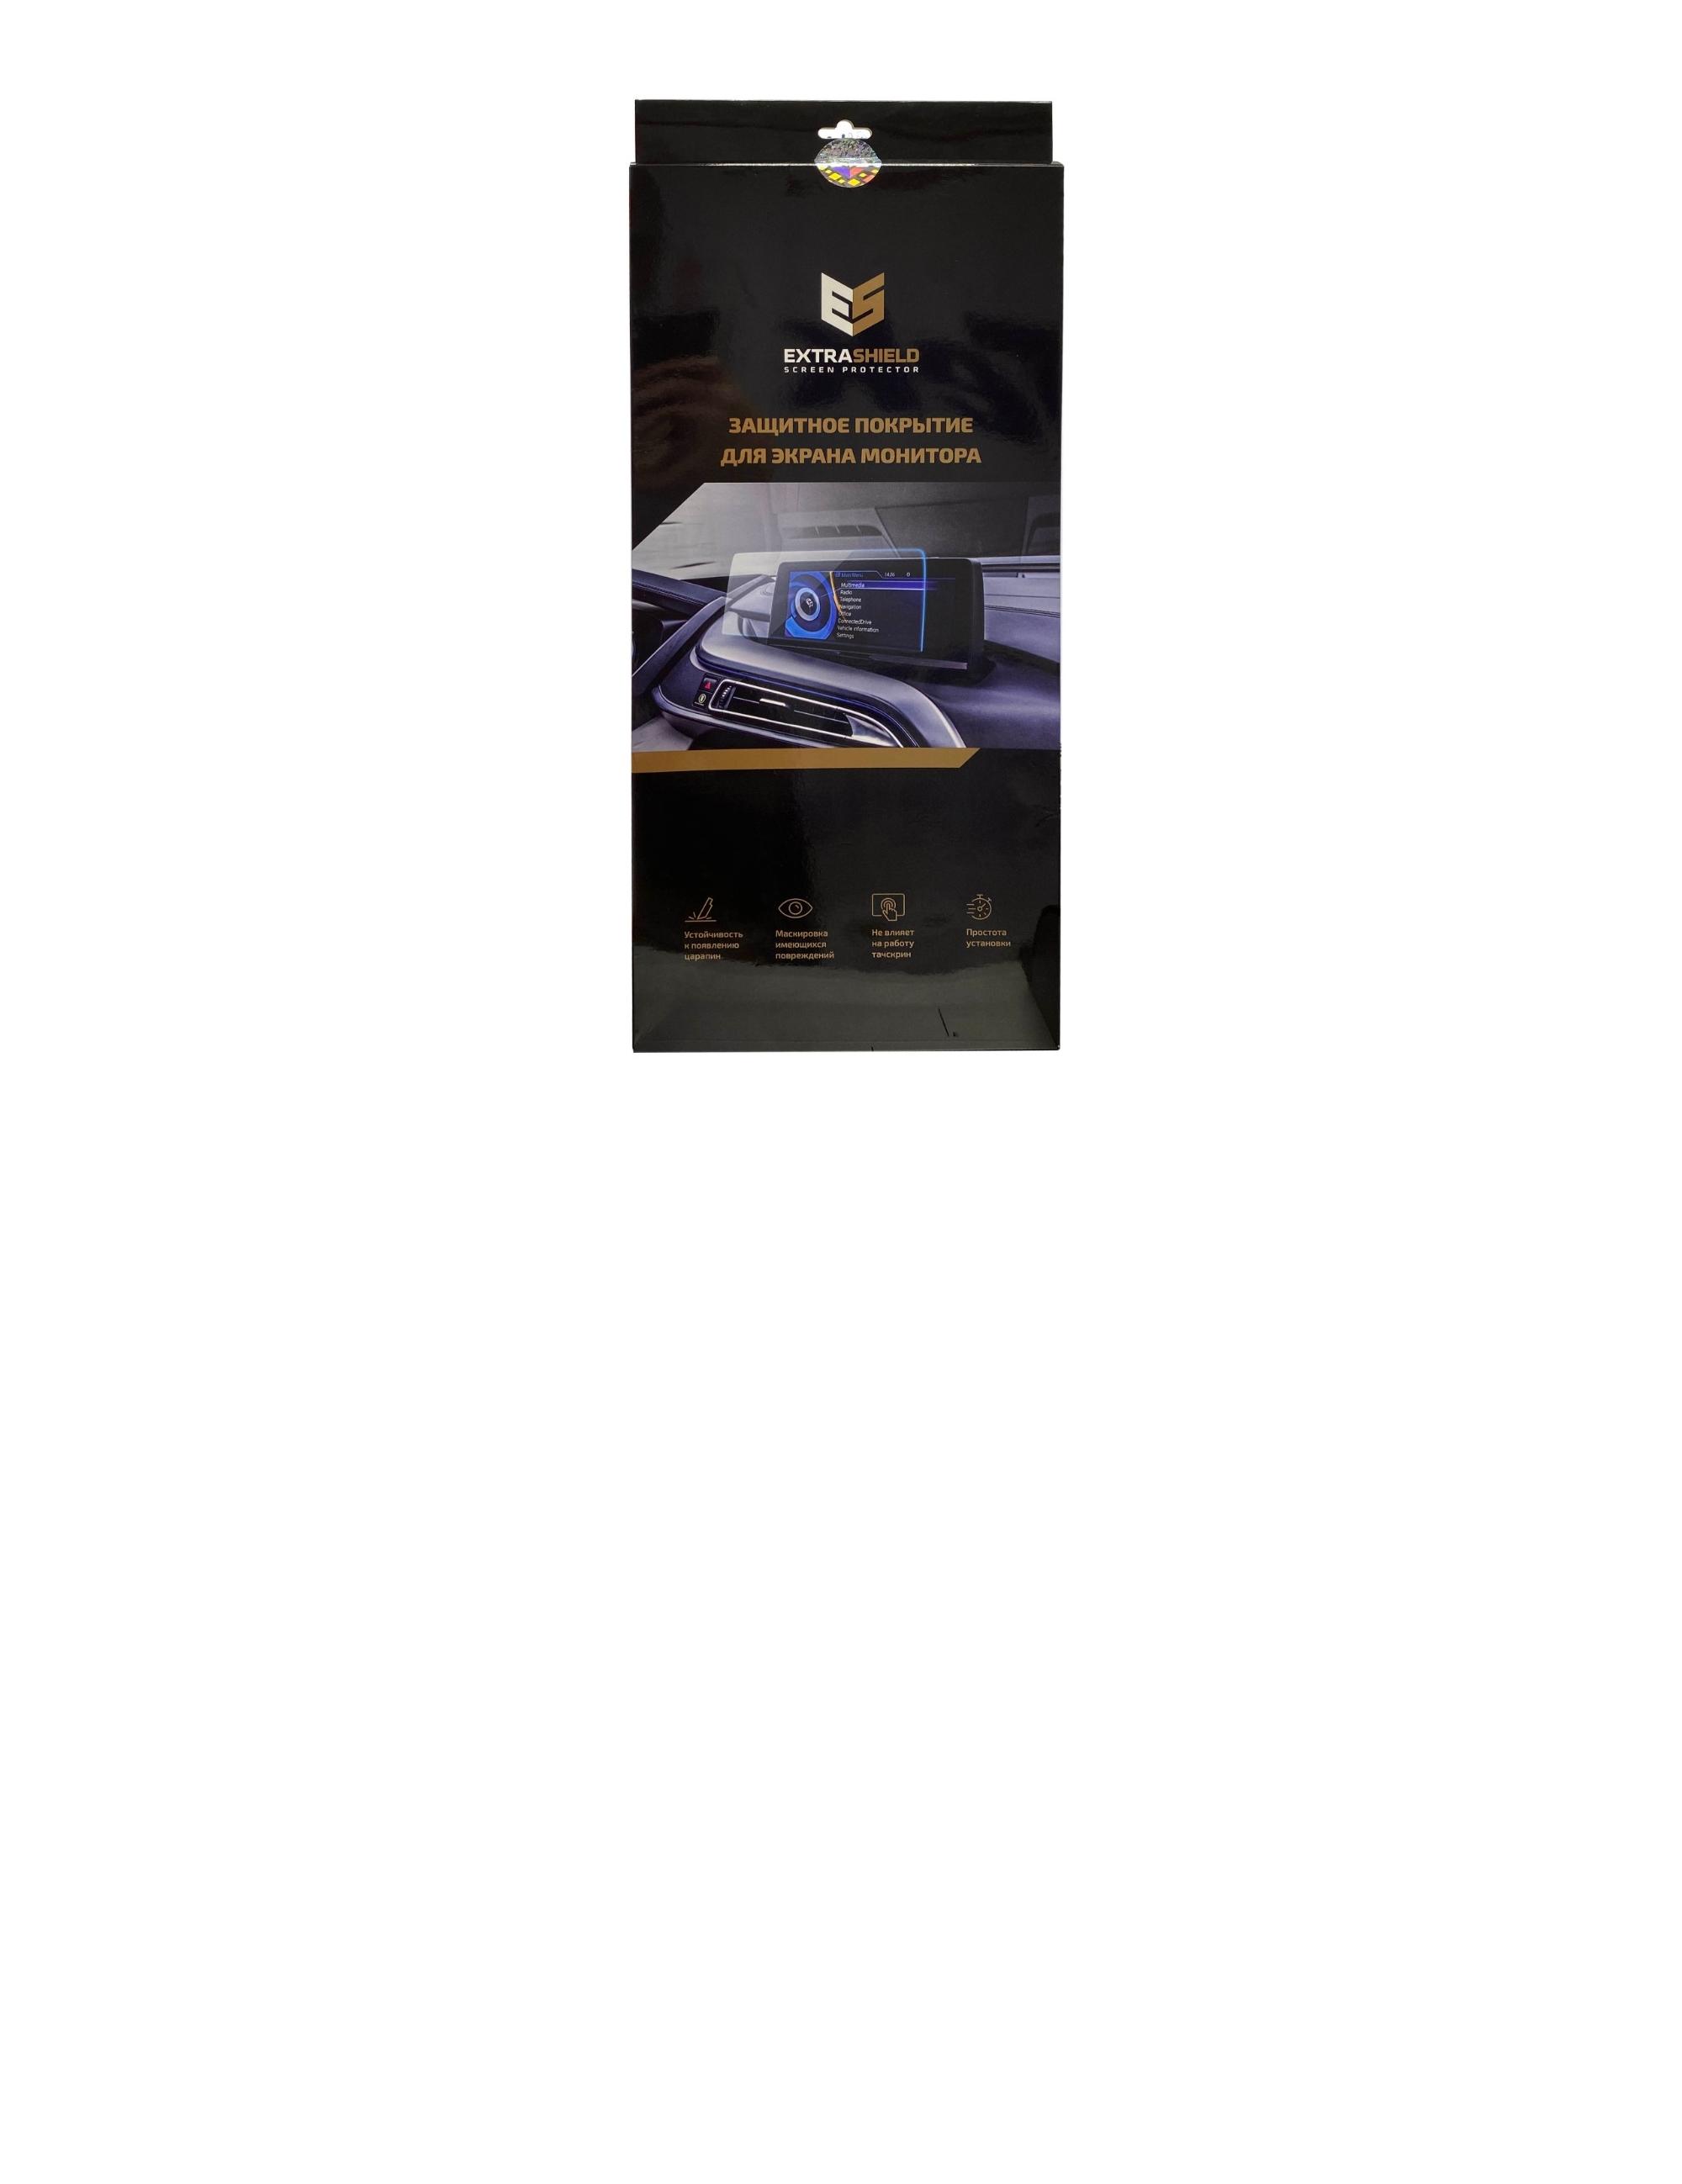 BMW X6 (G06) 2019 - н.в. приборная панель (без датчика) 12.3 Защитное стекло Глянец